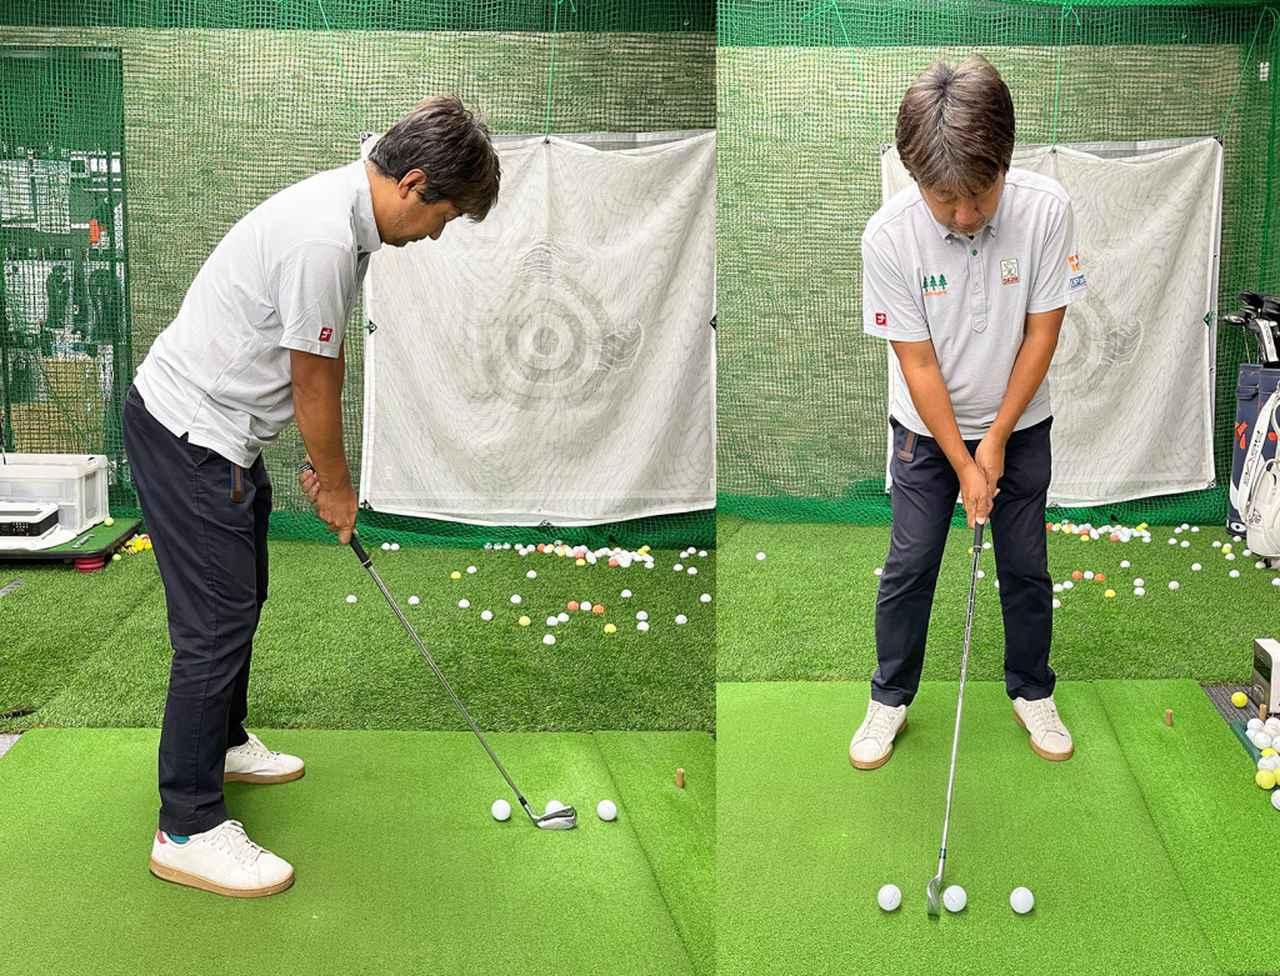 画像: 前後左右にボール位置を変えてみて、どういうミスが出るかを確認しておきましょう。自分が一番打ちやすいボール位置も確認できます